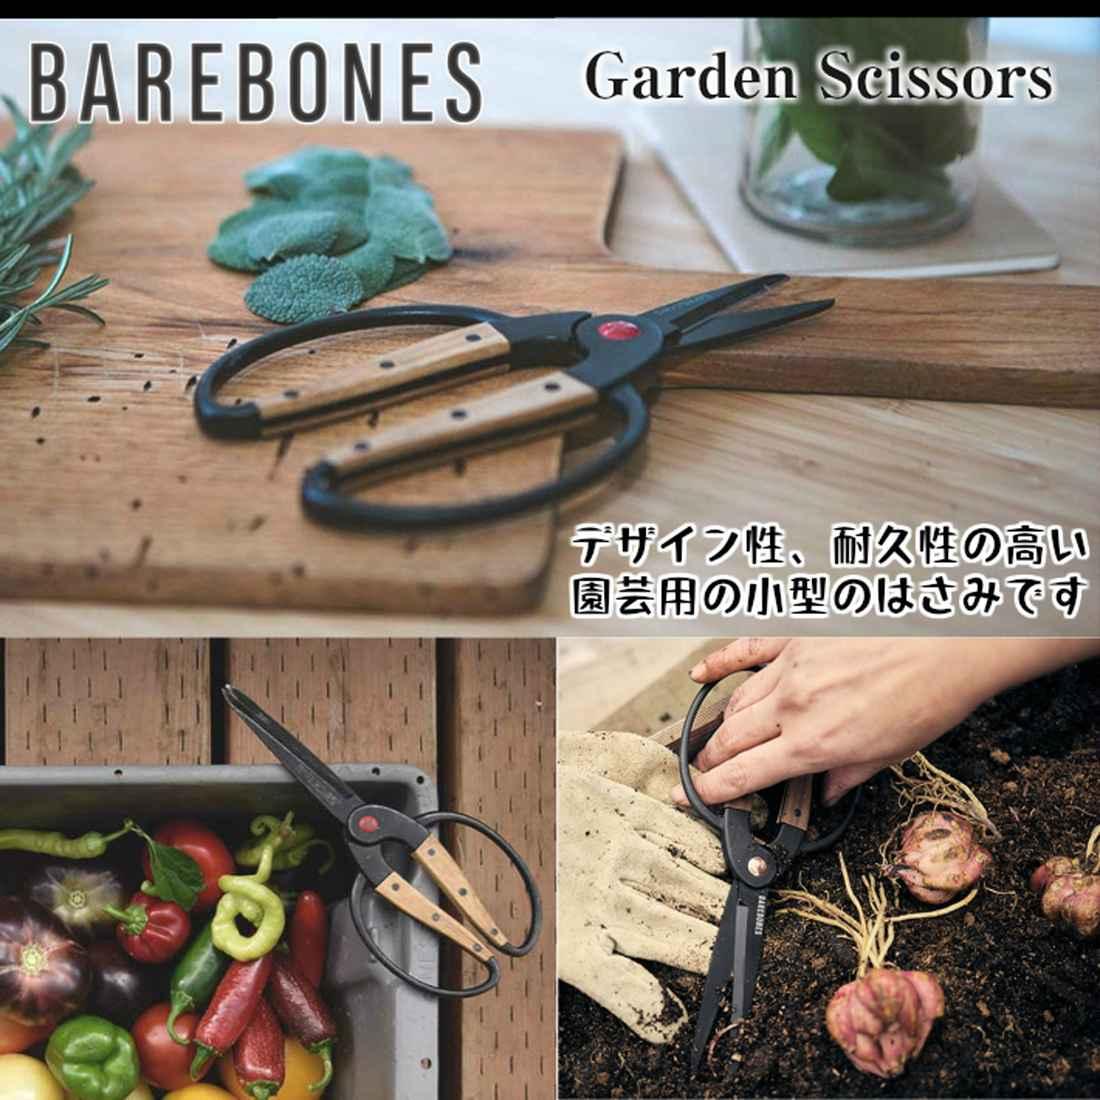 ベアボーンズ リビング ガーデン シザーズ L ウォールナット 園芸用はさみ  国内正規品